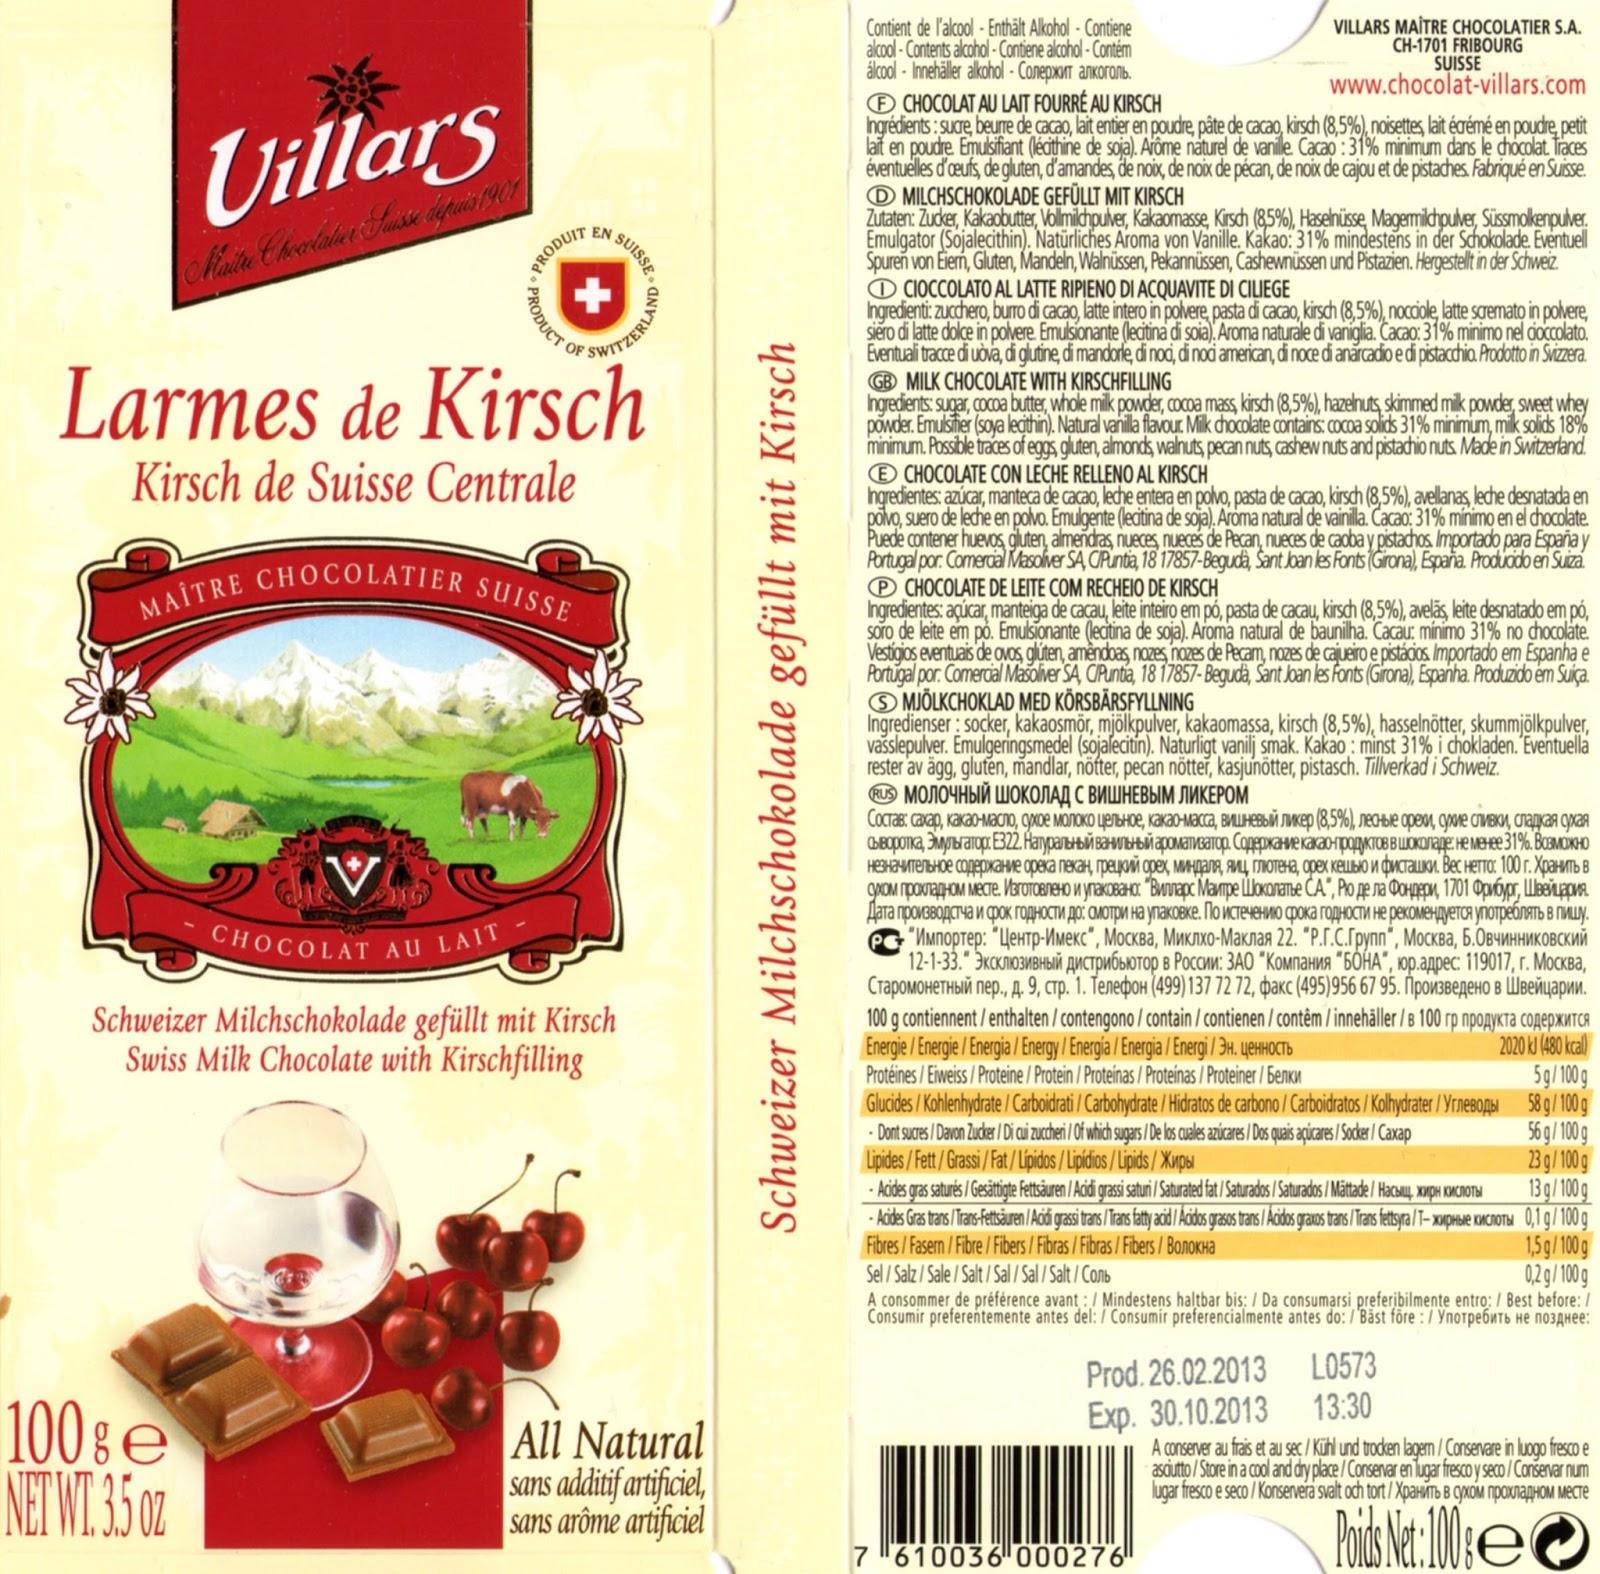 tablette de chocolat lait fourré villars lait larmes de kirsch